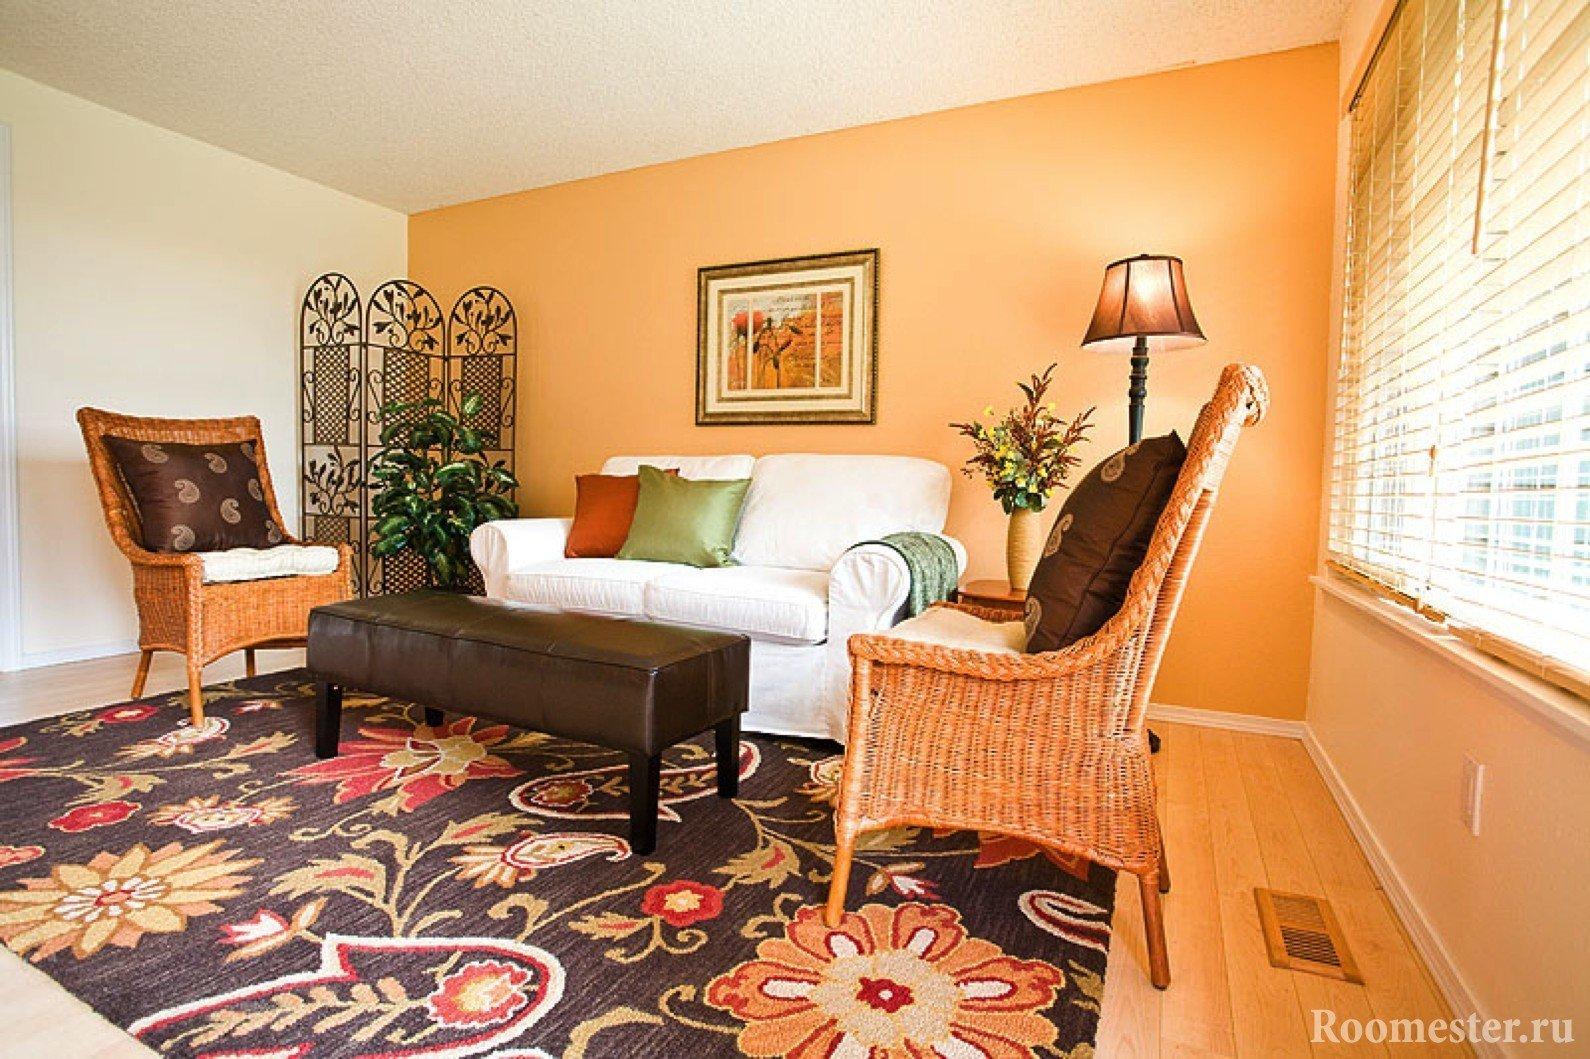 Белый диван и плетенные кресла